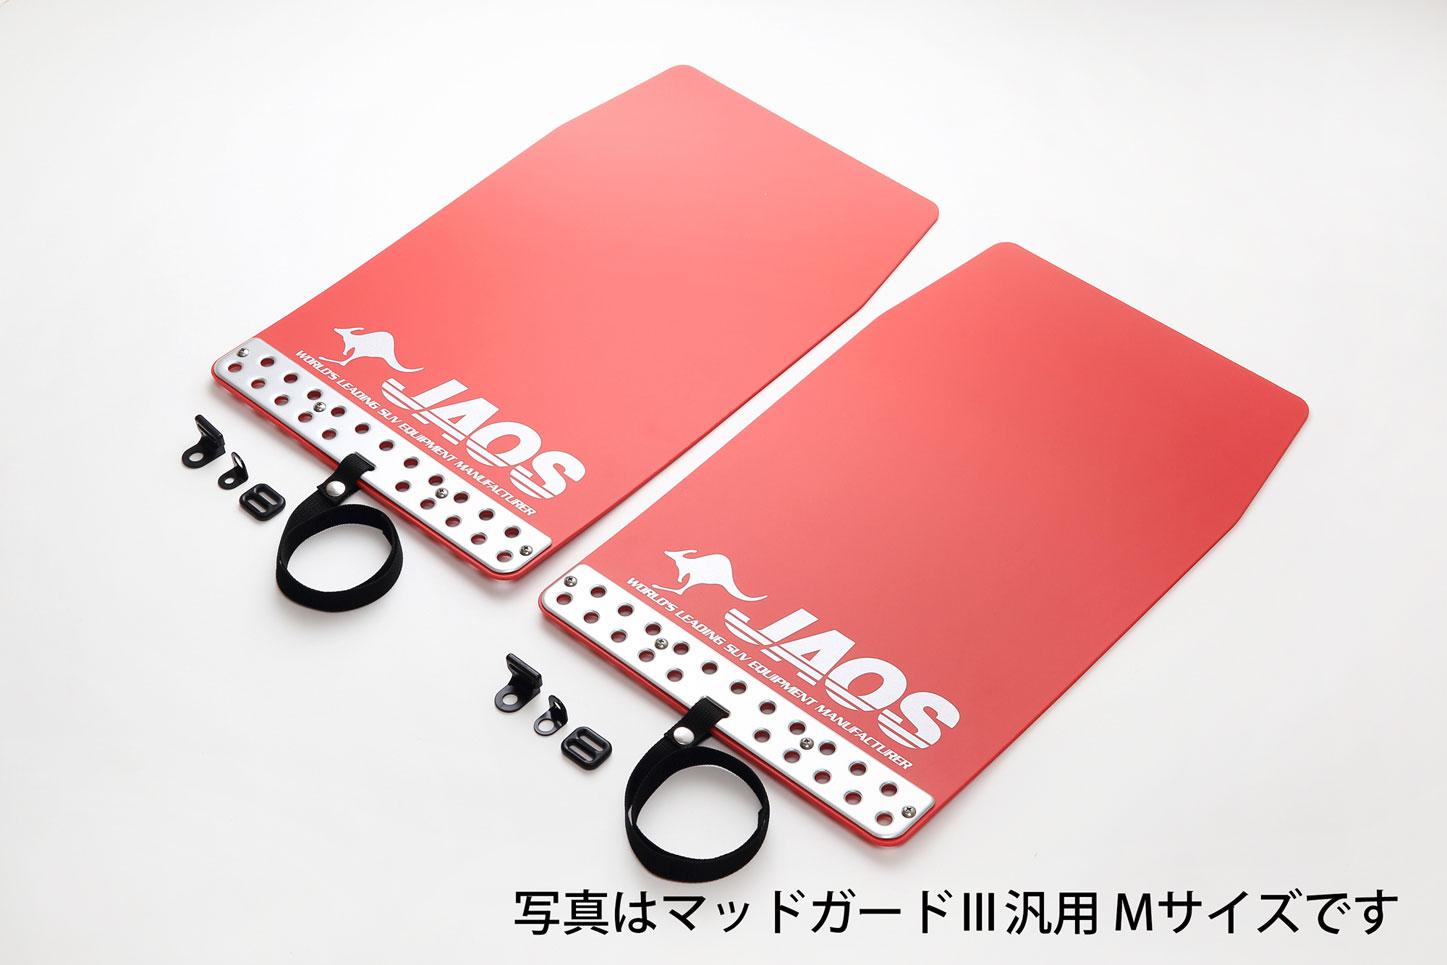 JAOS マッドガード リヤセット 5☆好評 レッド C-HR NEW